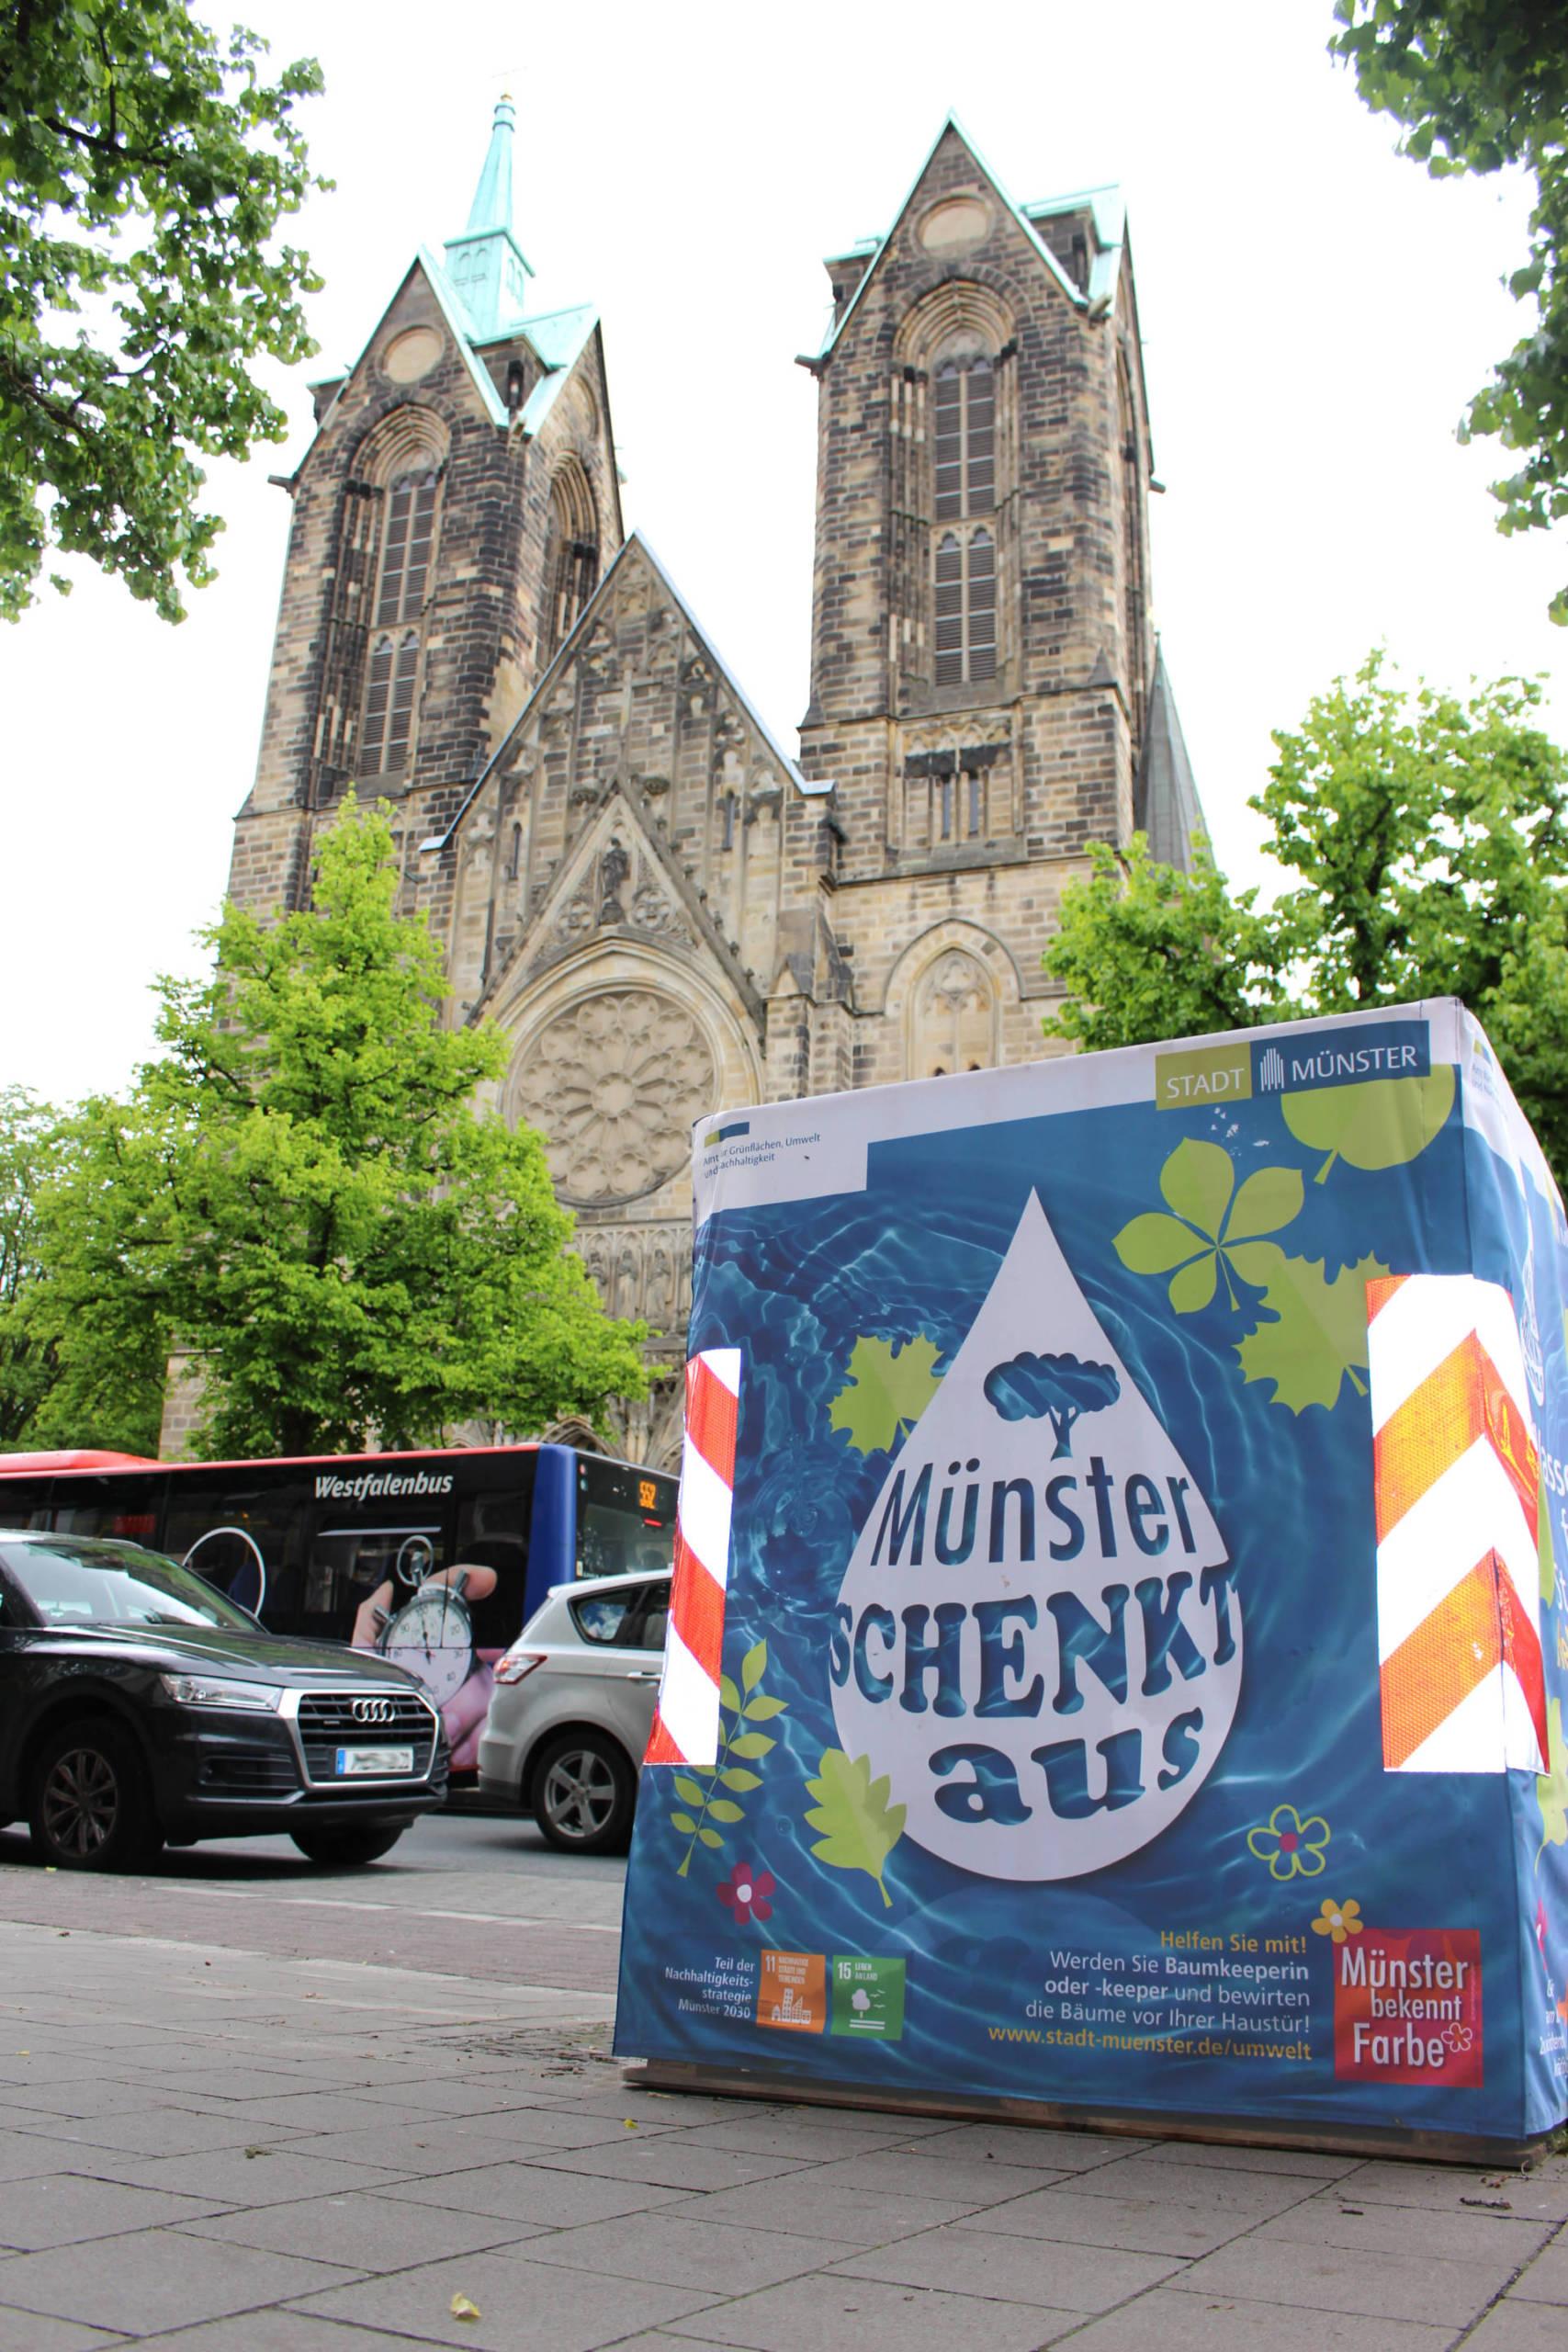 Wassercontainer, Bewässerung, Münster schenkt aus